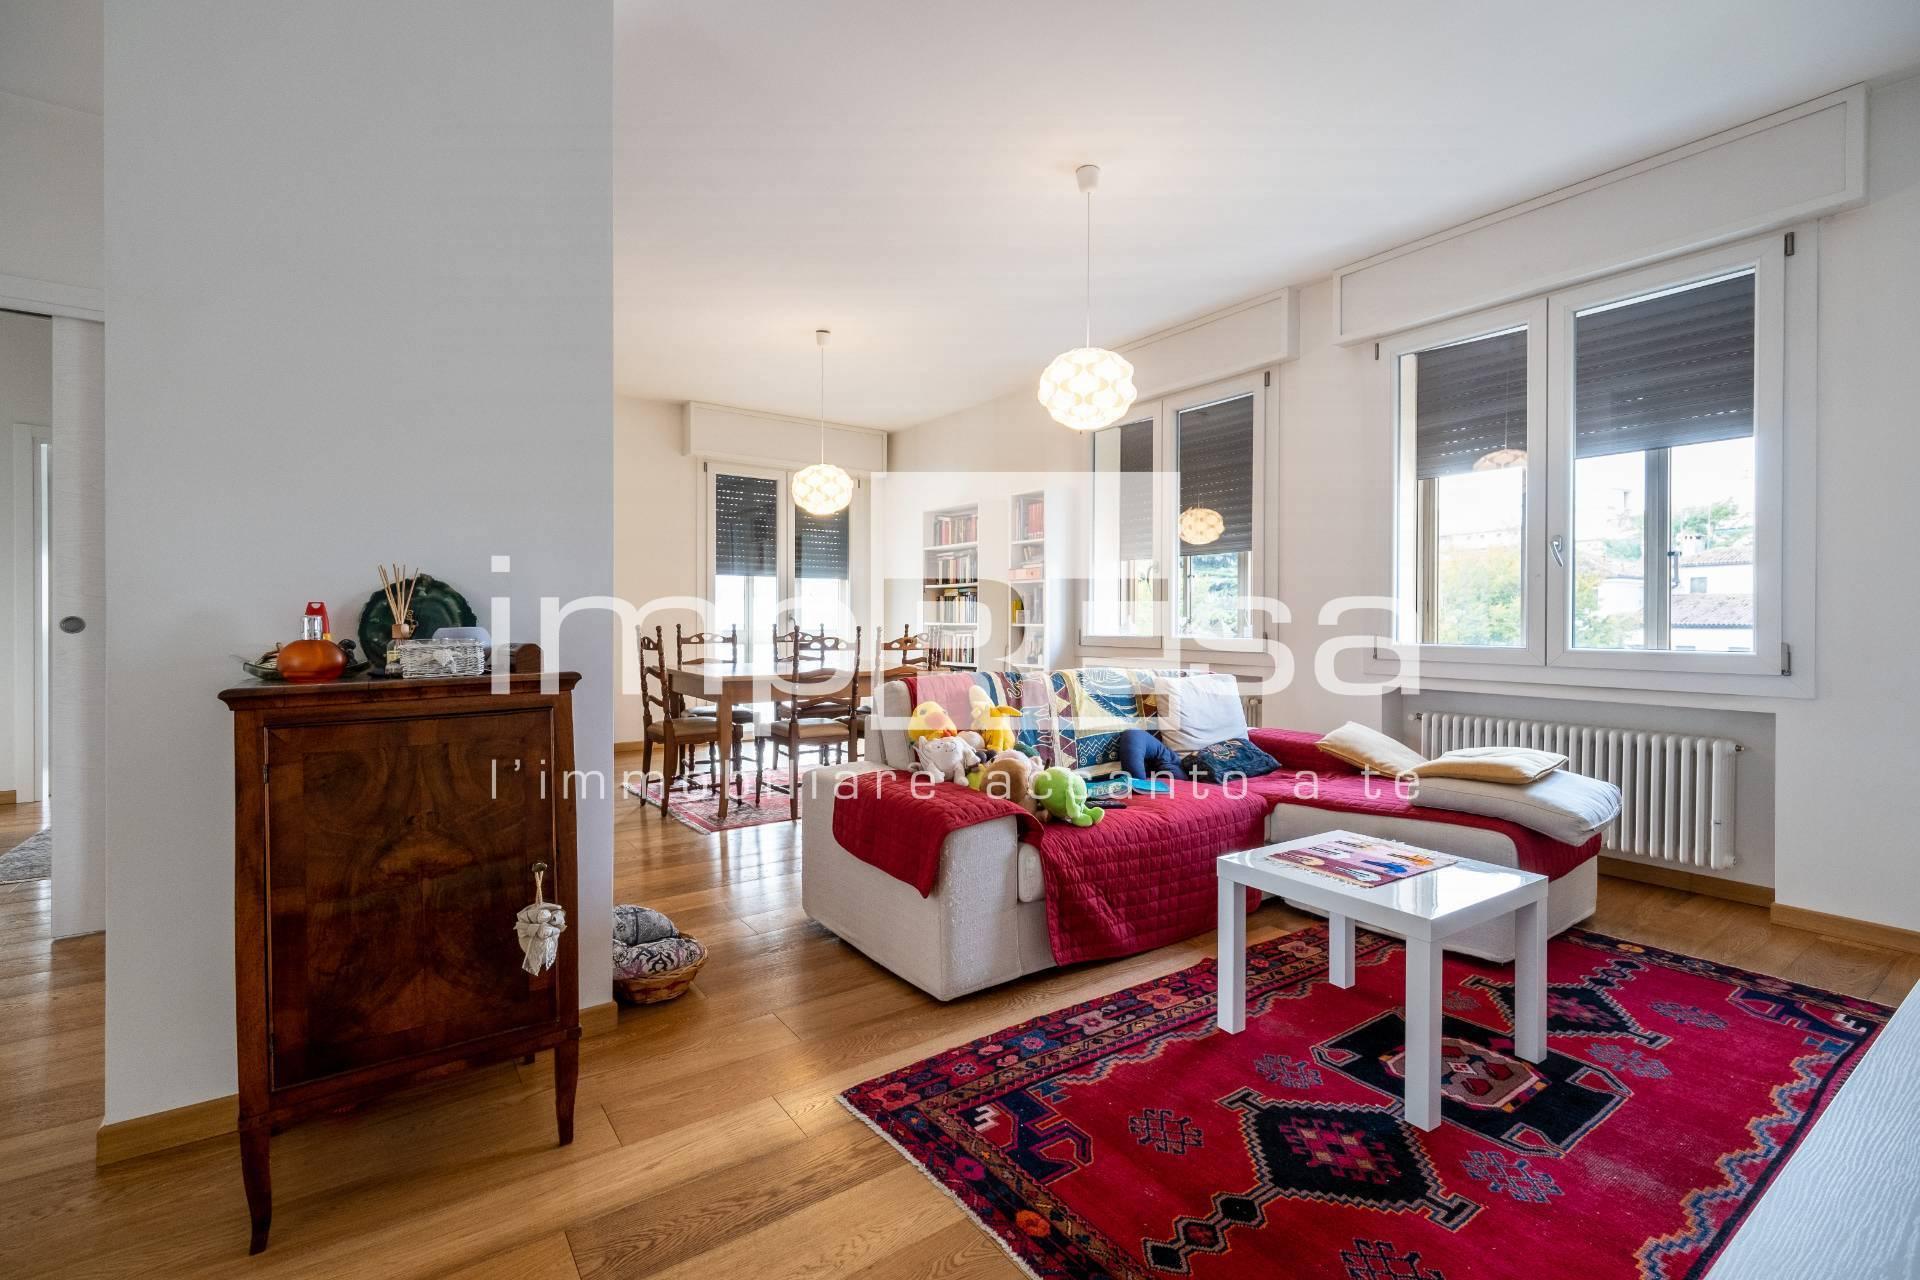 Appartamento in vendita a Treviso, 5 locali, zona Località: FuoriMura, prezzo € 280.000   PortaleAgenzieImmobiliari.it